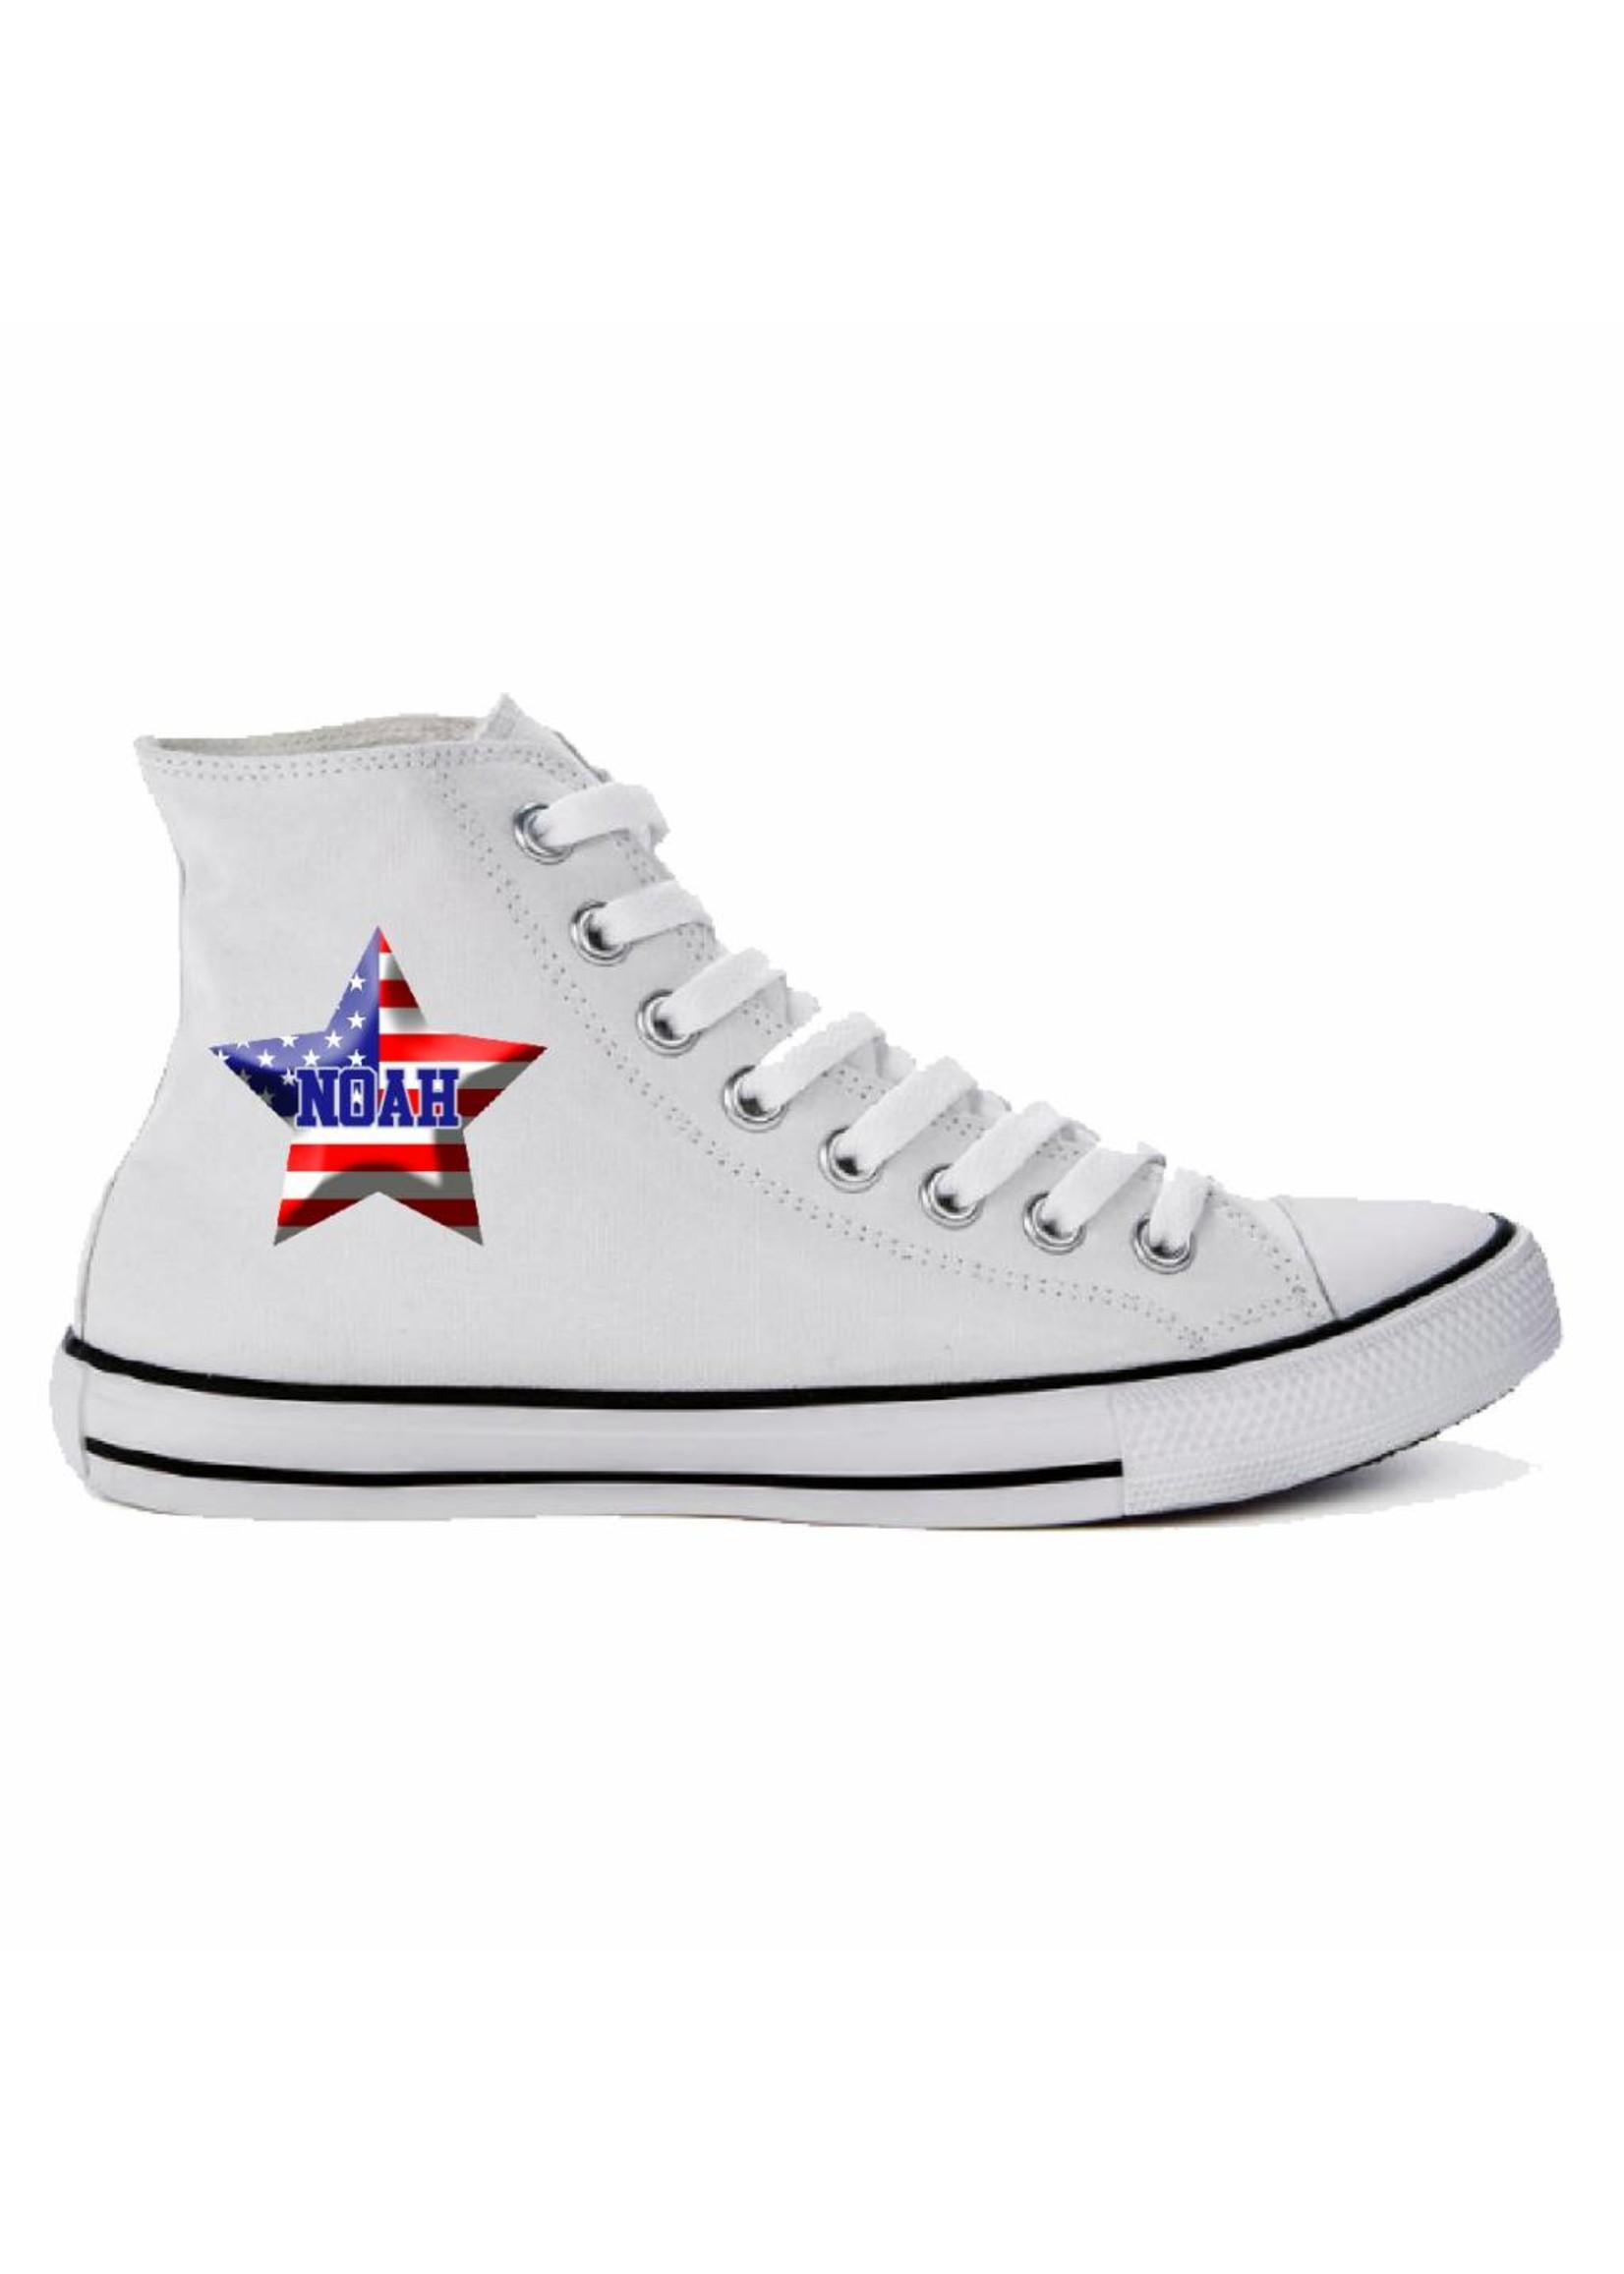 Schoen met Amerikaanse vlag en naam